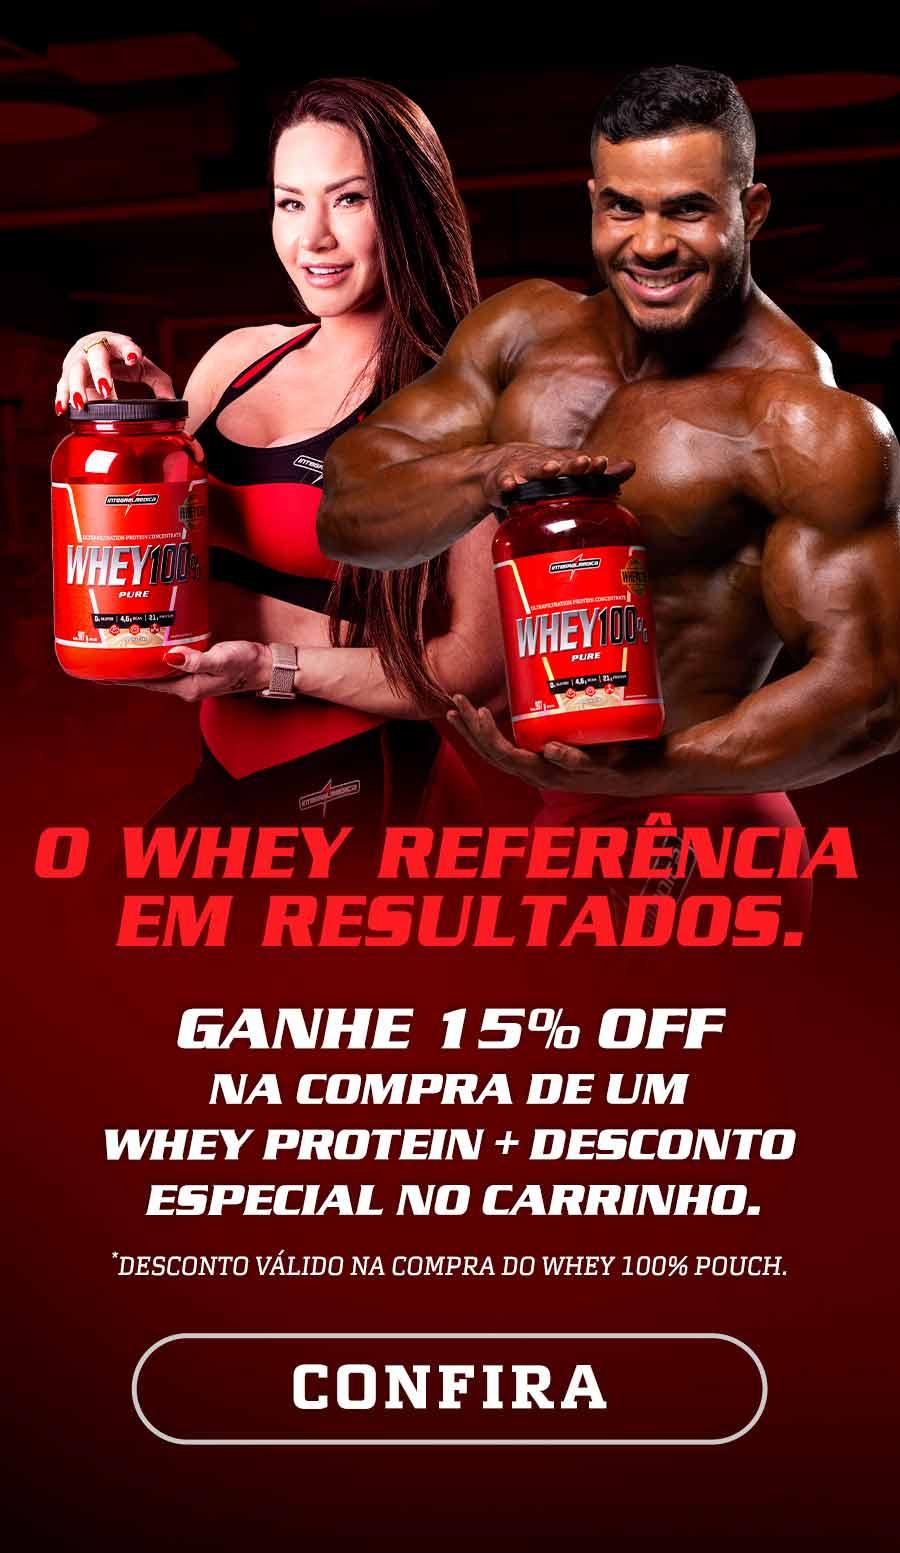 Whey Protein com até 15% off